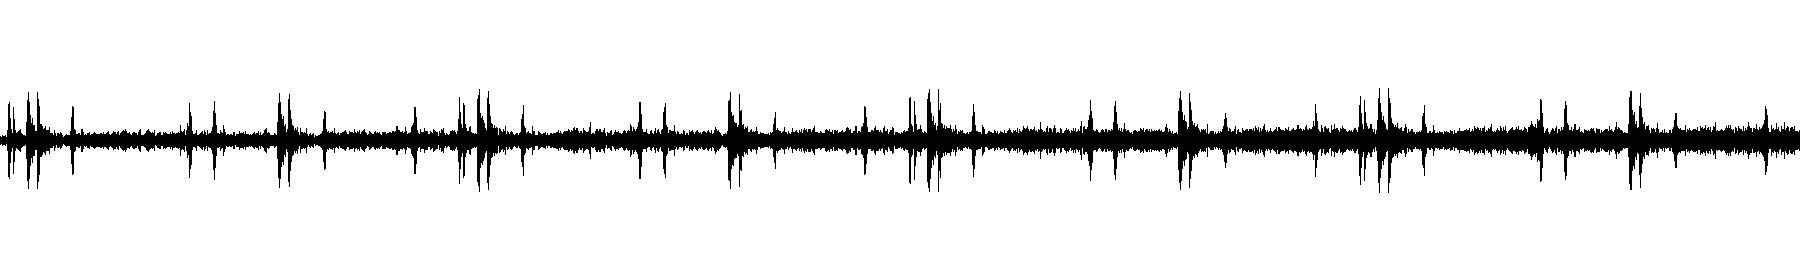 tfx texture 41